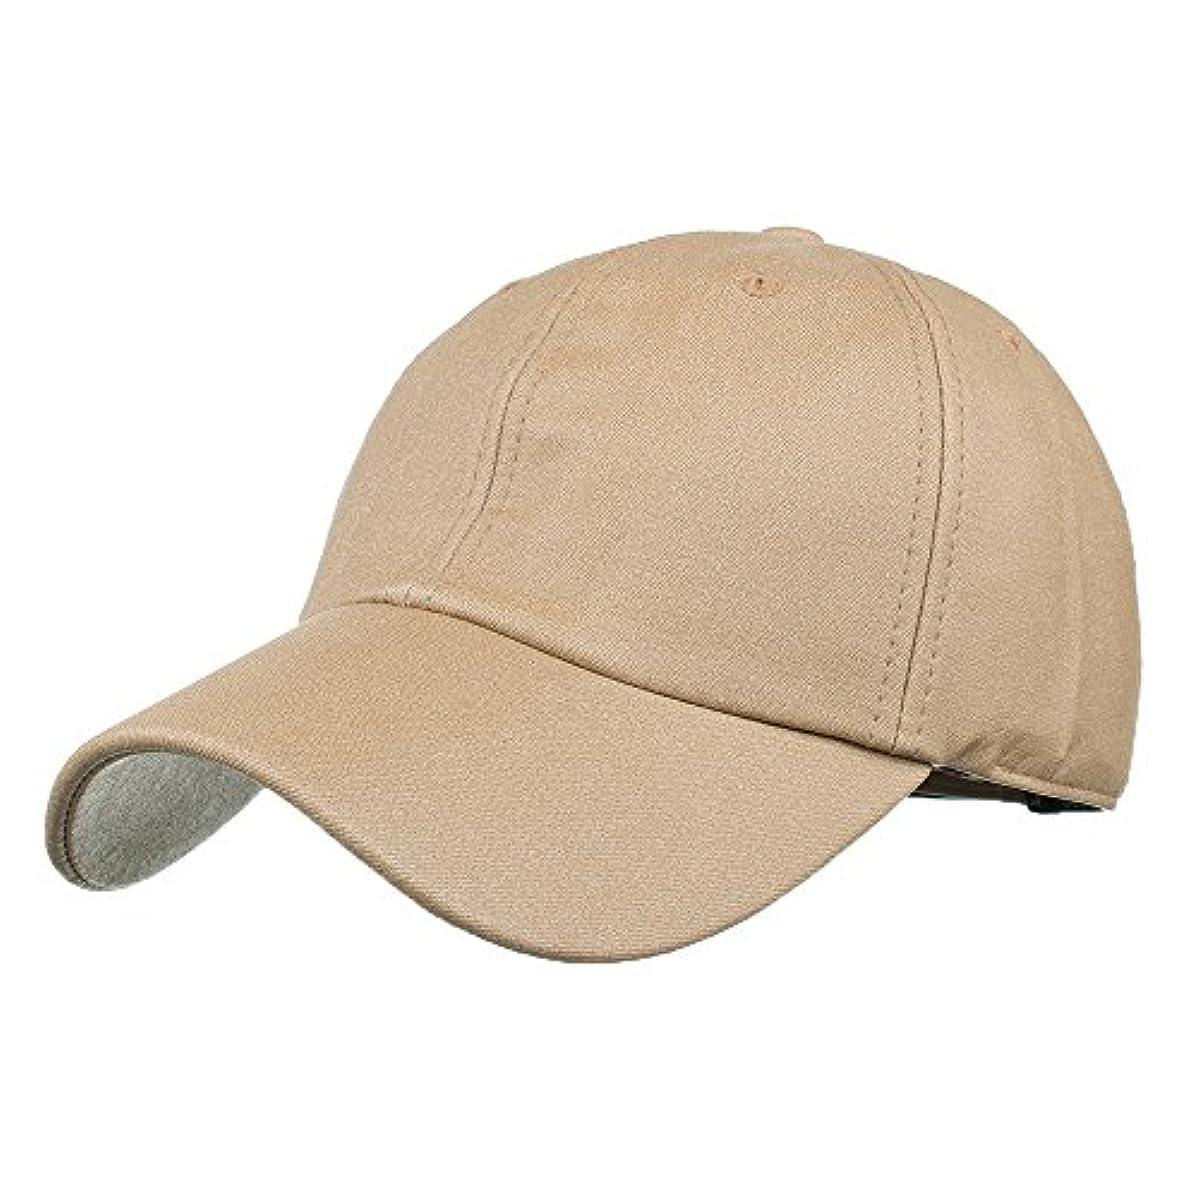 バックアップ何もない説得力のあるRacazing Cap PU 無地 ヒップホップ 野球帽 通気性のある 帽子 夏 登山 可調整可能 棒球帽 UV 帽子 軽量 屋外 Unisex Hat (カーキ)